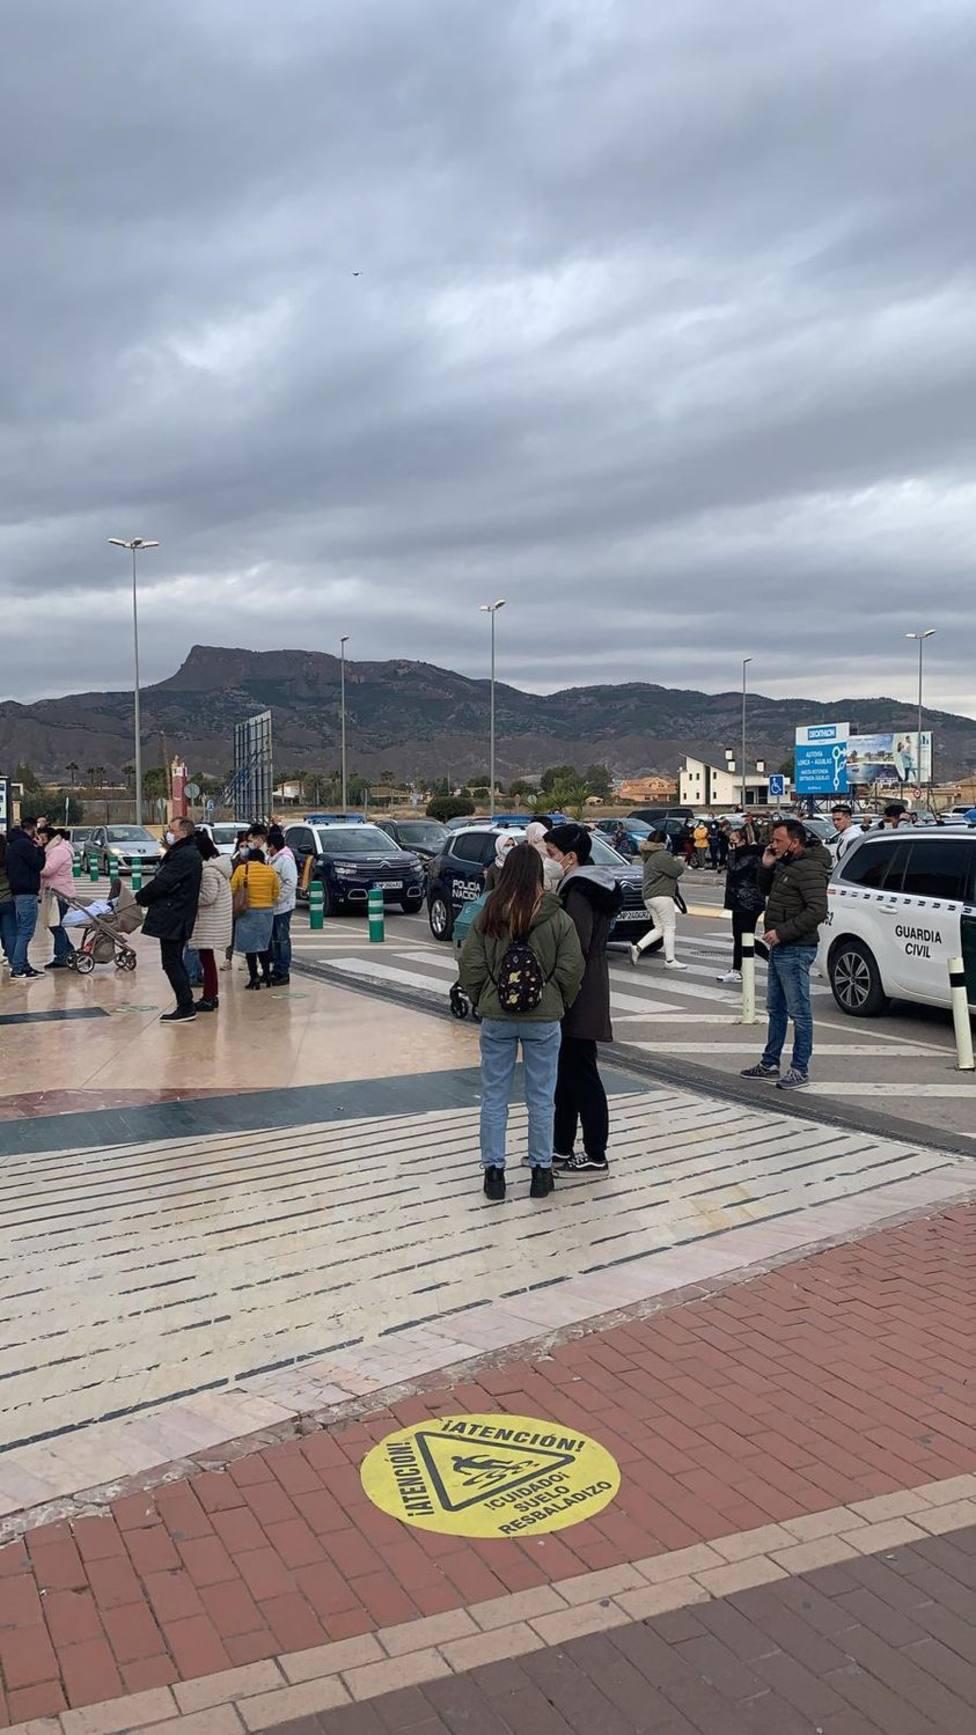 La Guardia Civil esclarece el altercado de la tarde de Reyes en un centro comercial de Lorca